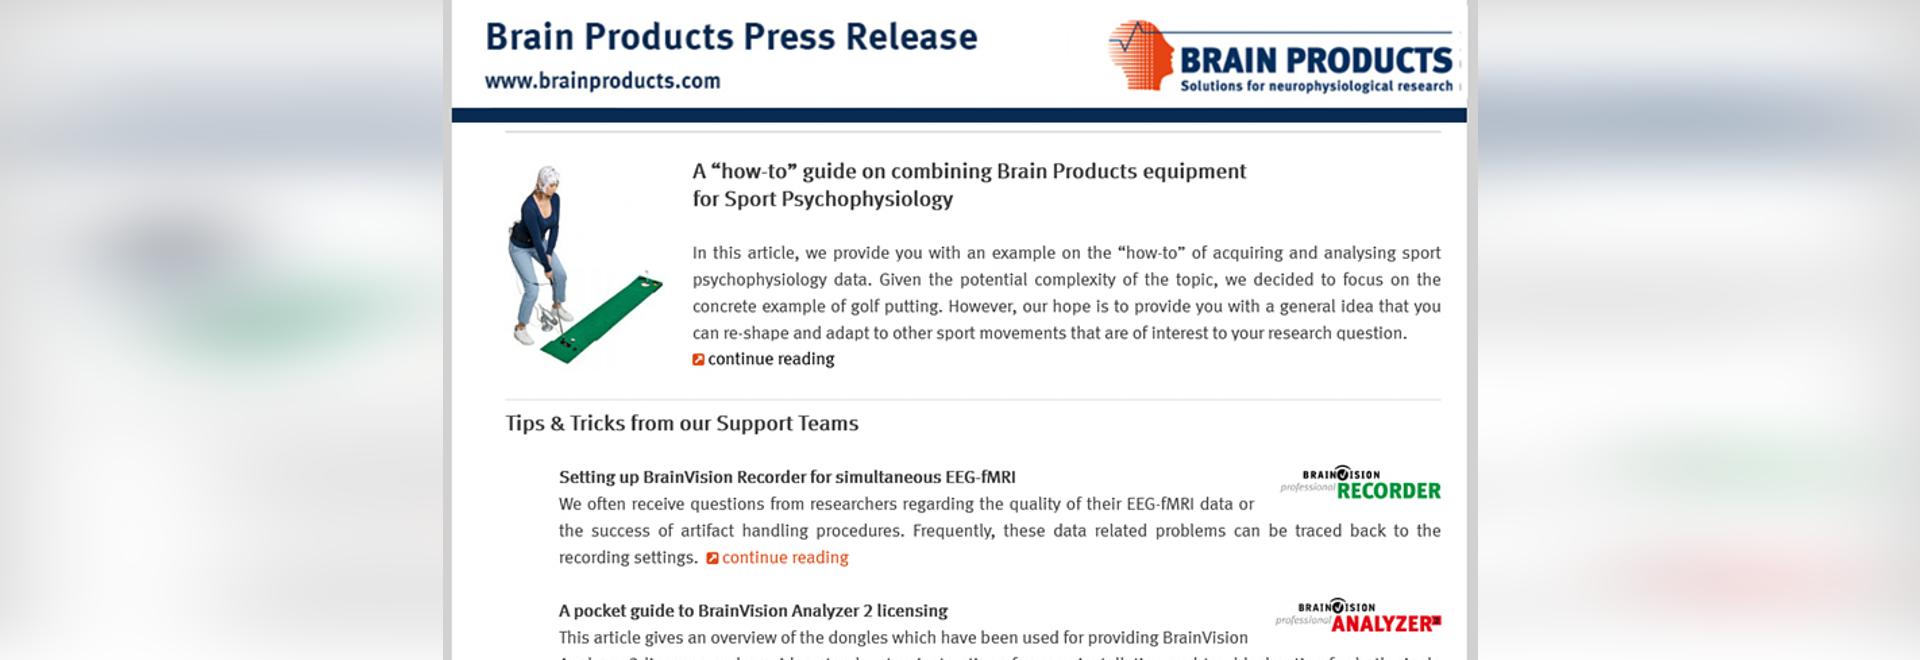 Communiqué de presse sur les produits cérébraux